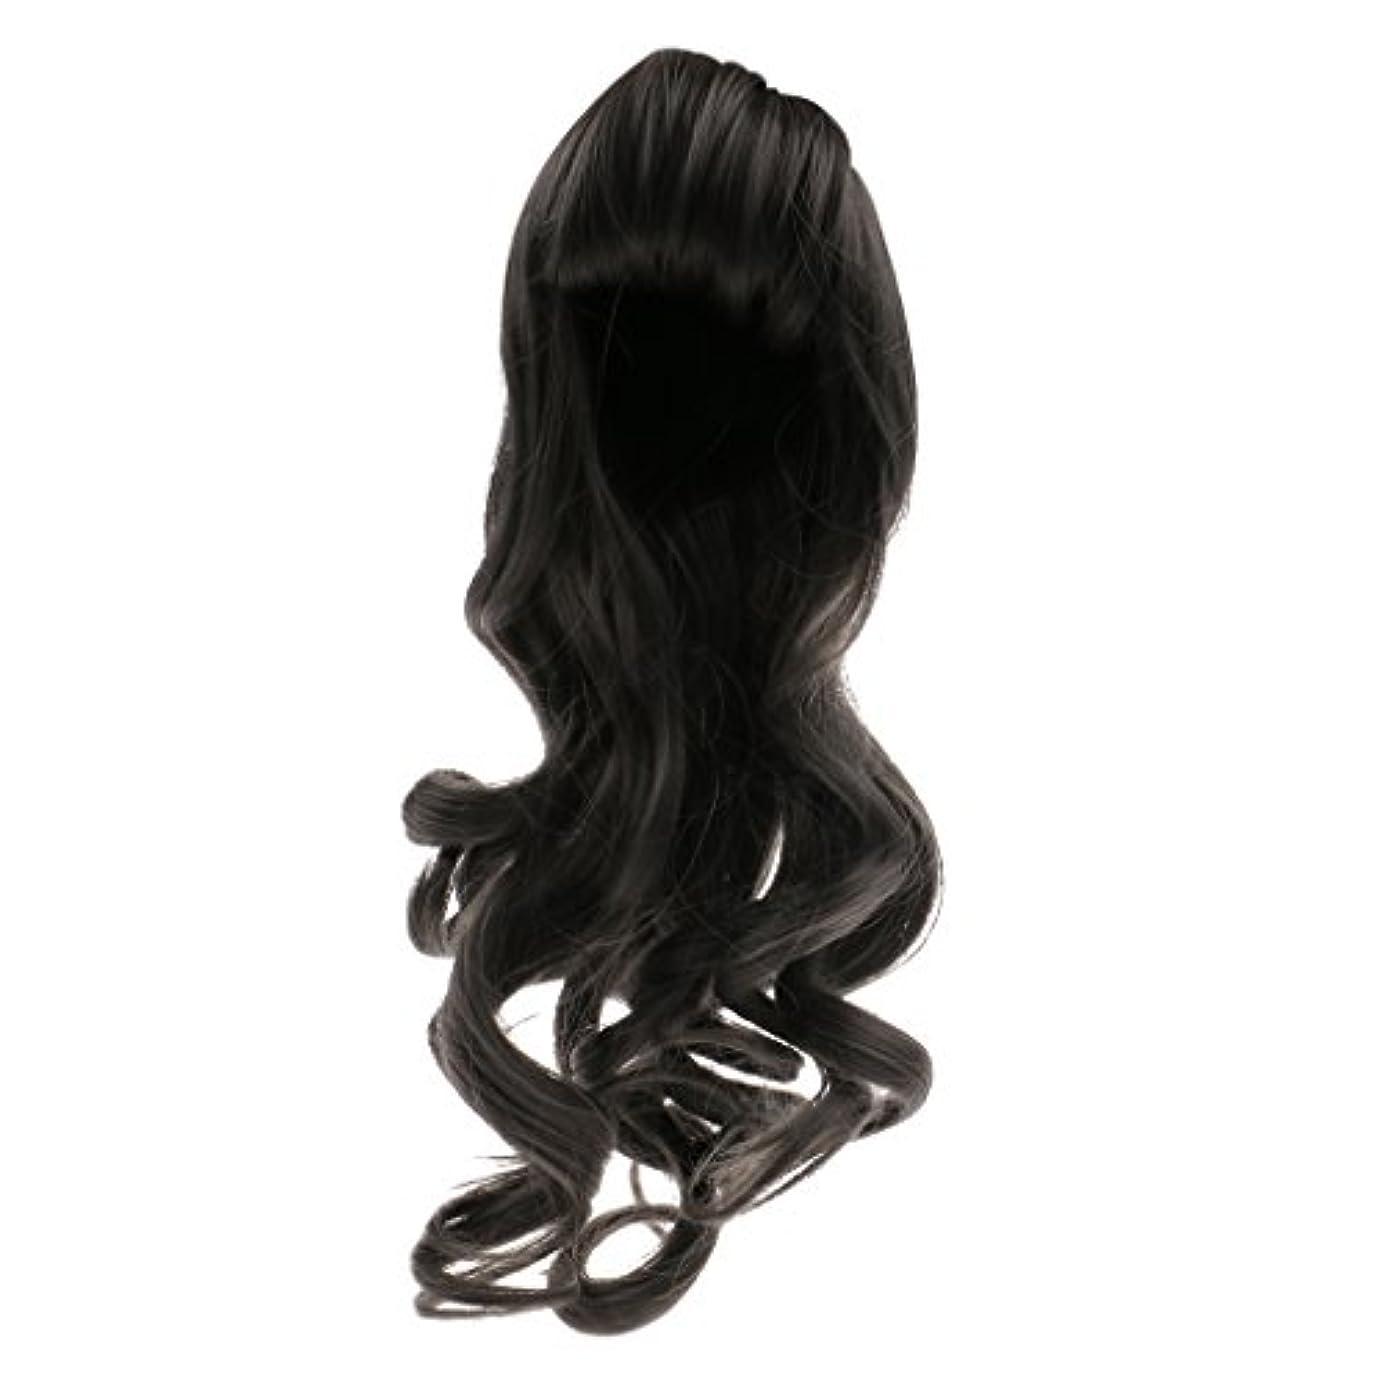 敏感な抽象化ラベルBlesiya 人形用 ドールウィッグ かつら 巻き毛 波状髪 セクシー 前髪 ブライス人形適用 全6色選べ  - #1